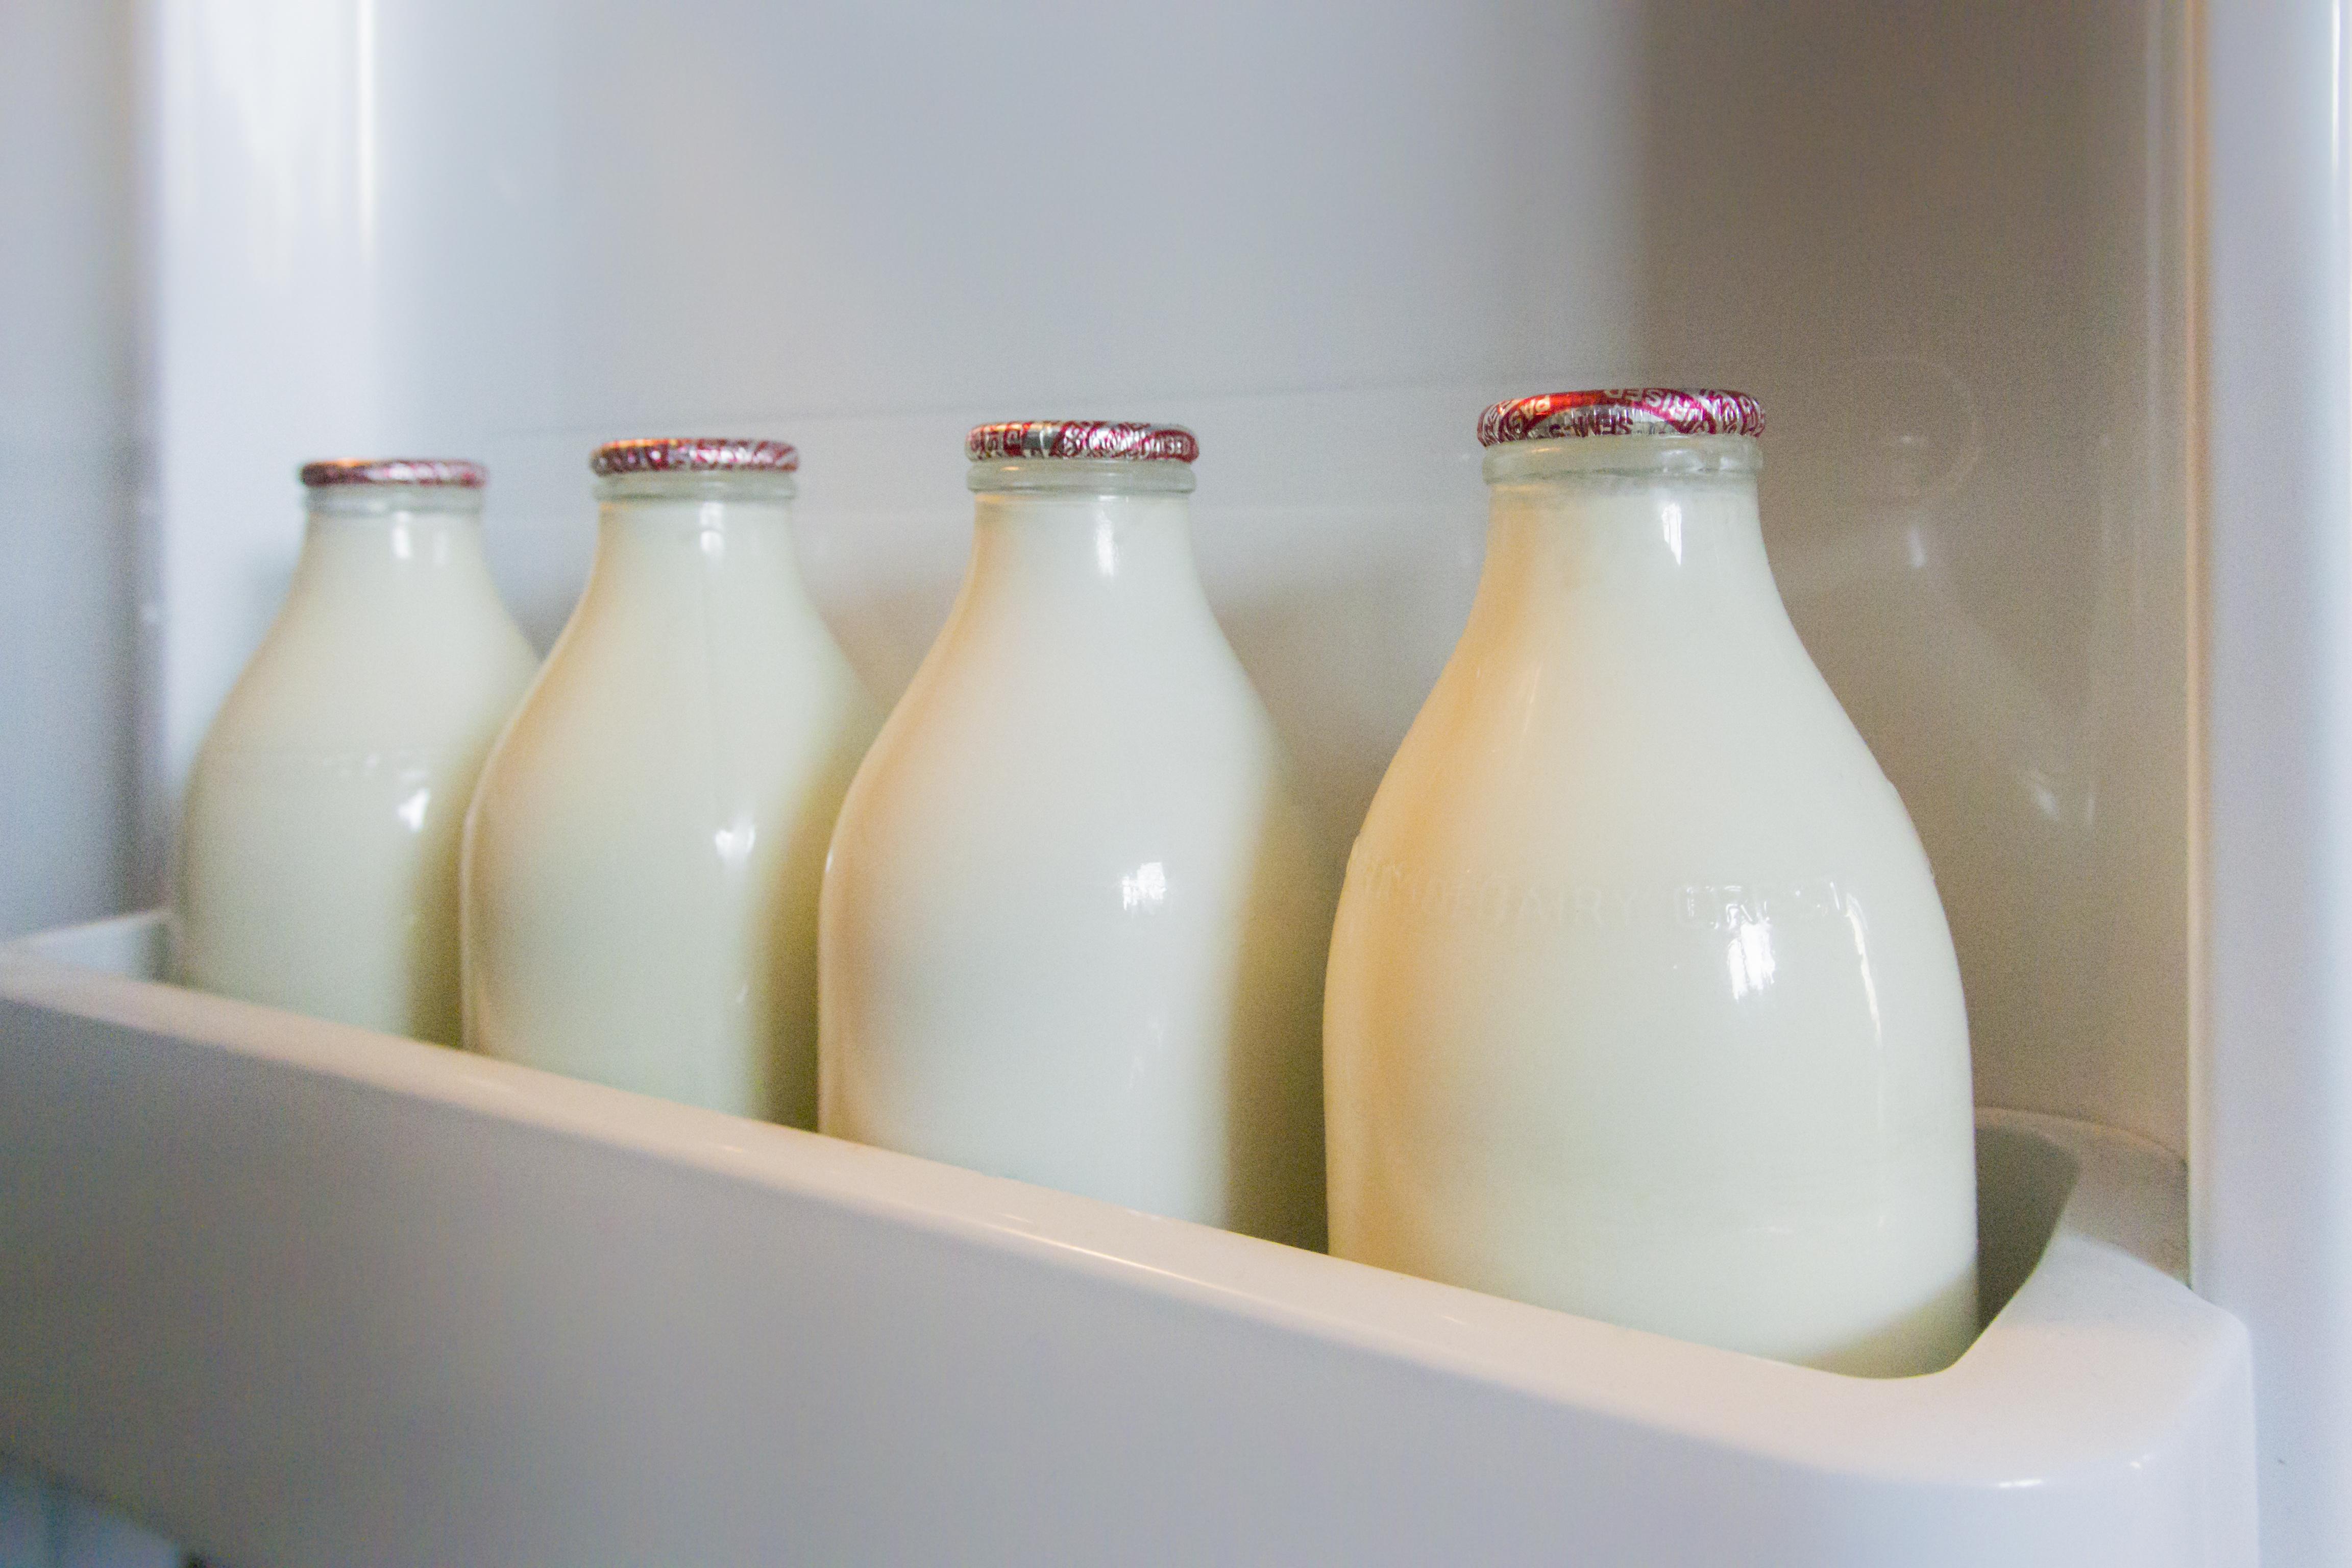 Cazul elevilor din Bacău care au primit lapte expirat: Ce amendă a primit persoana responsabilă cu recepţia şi distribuţia produselor